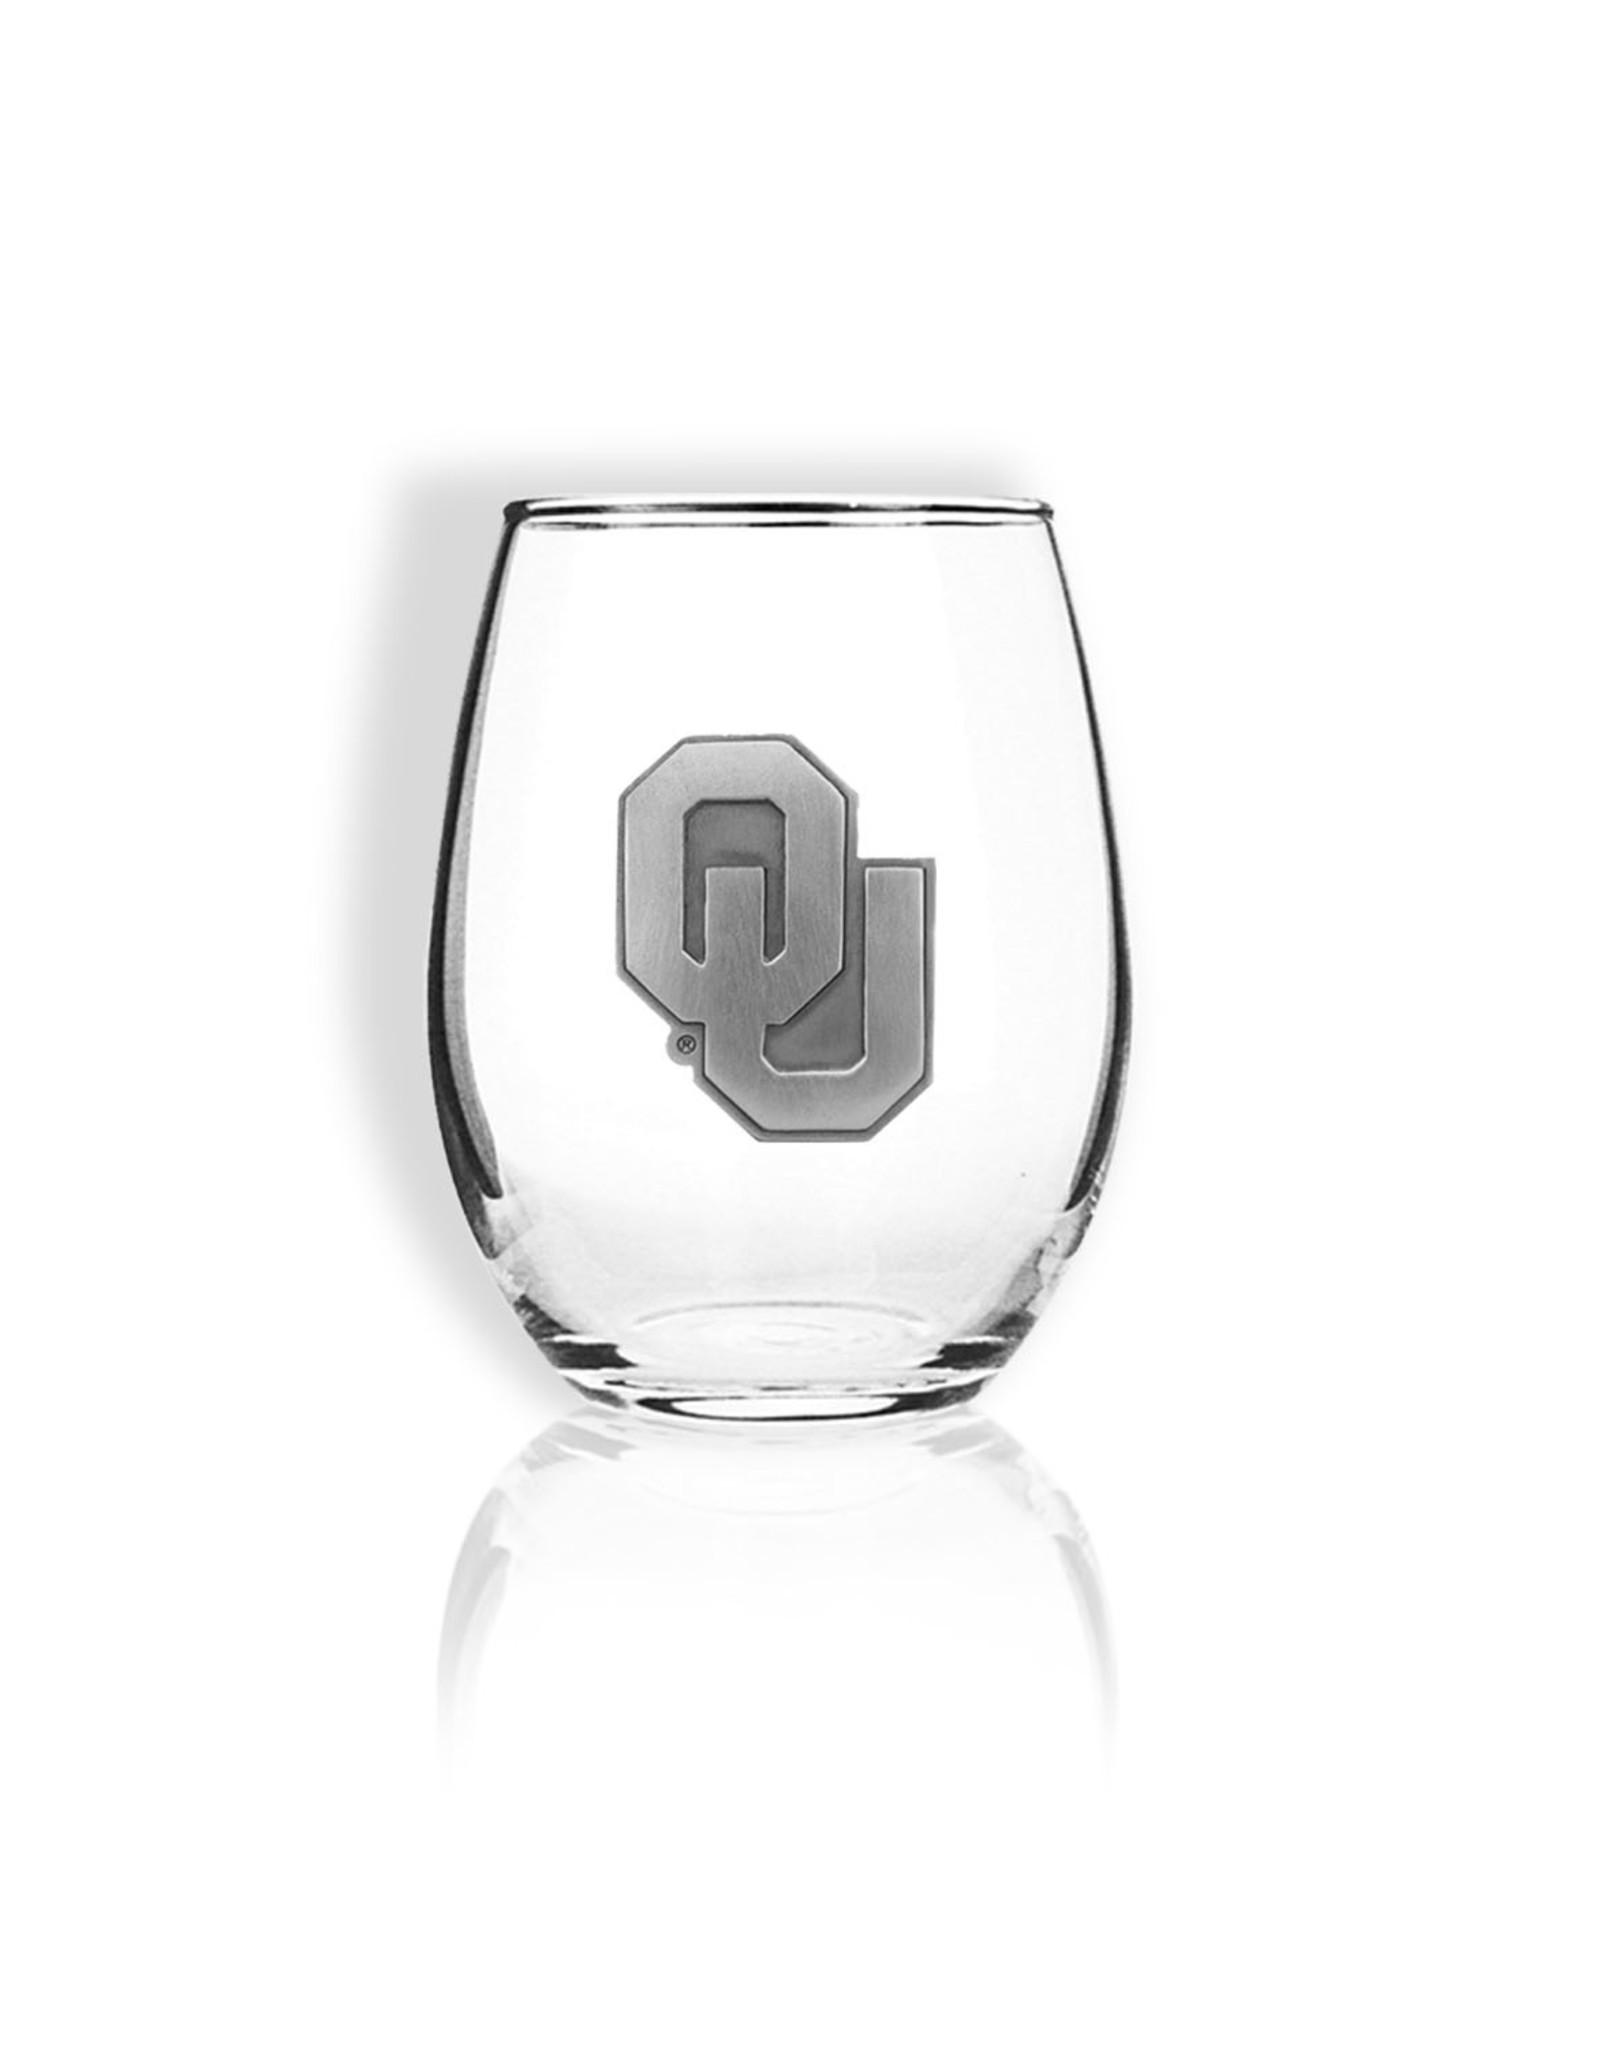 Sparta OU Stemless Wine Glass w/ Pewter Emblem